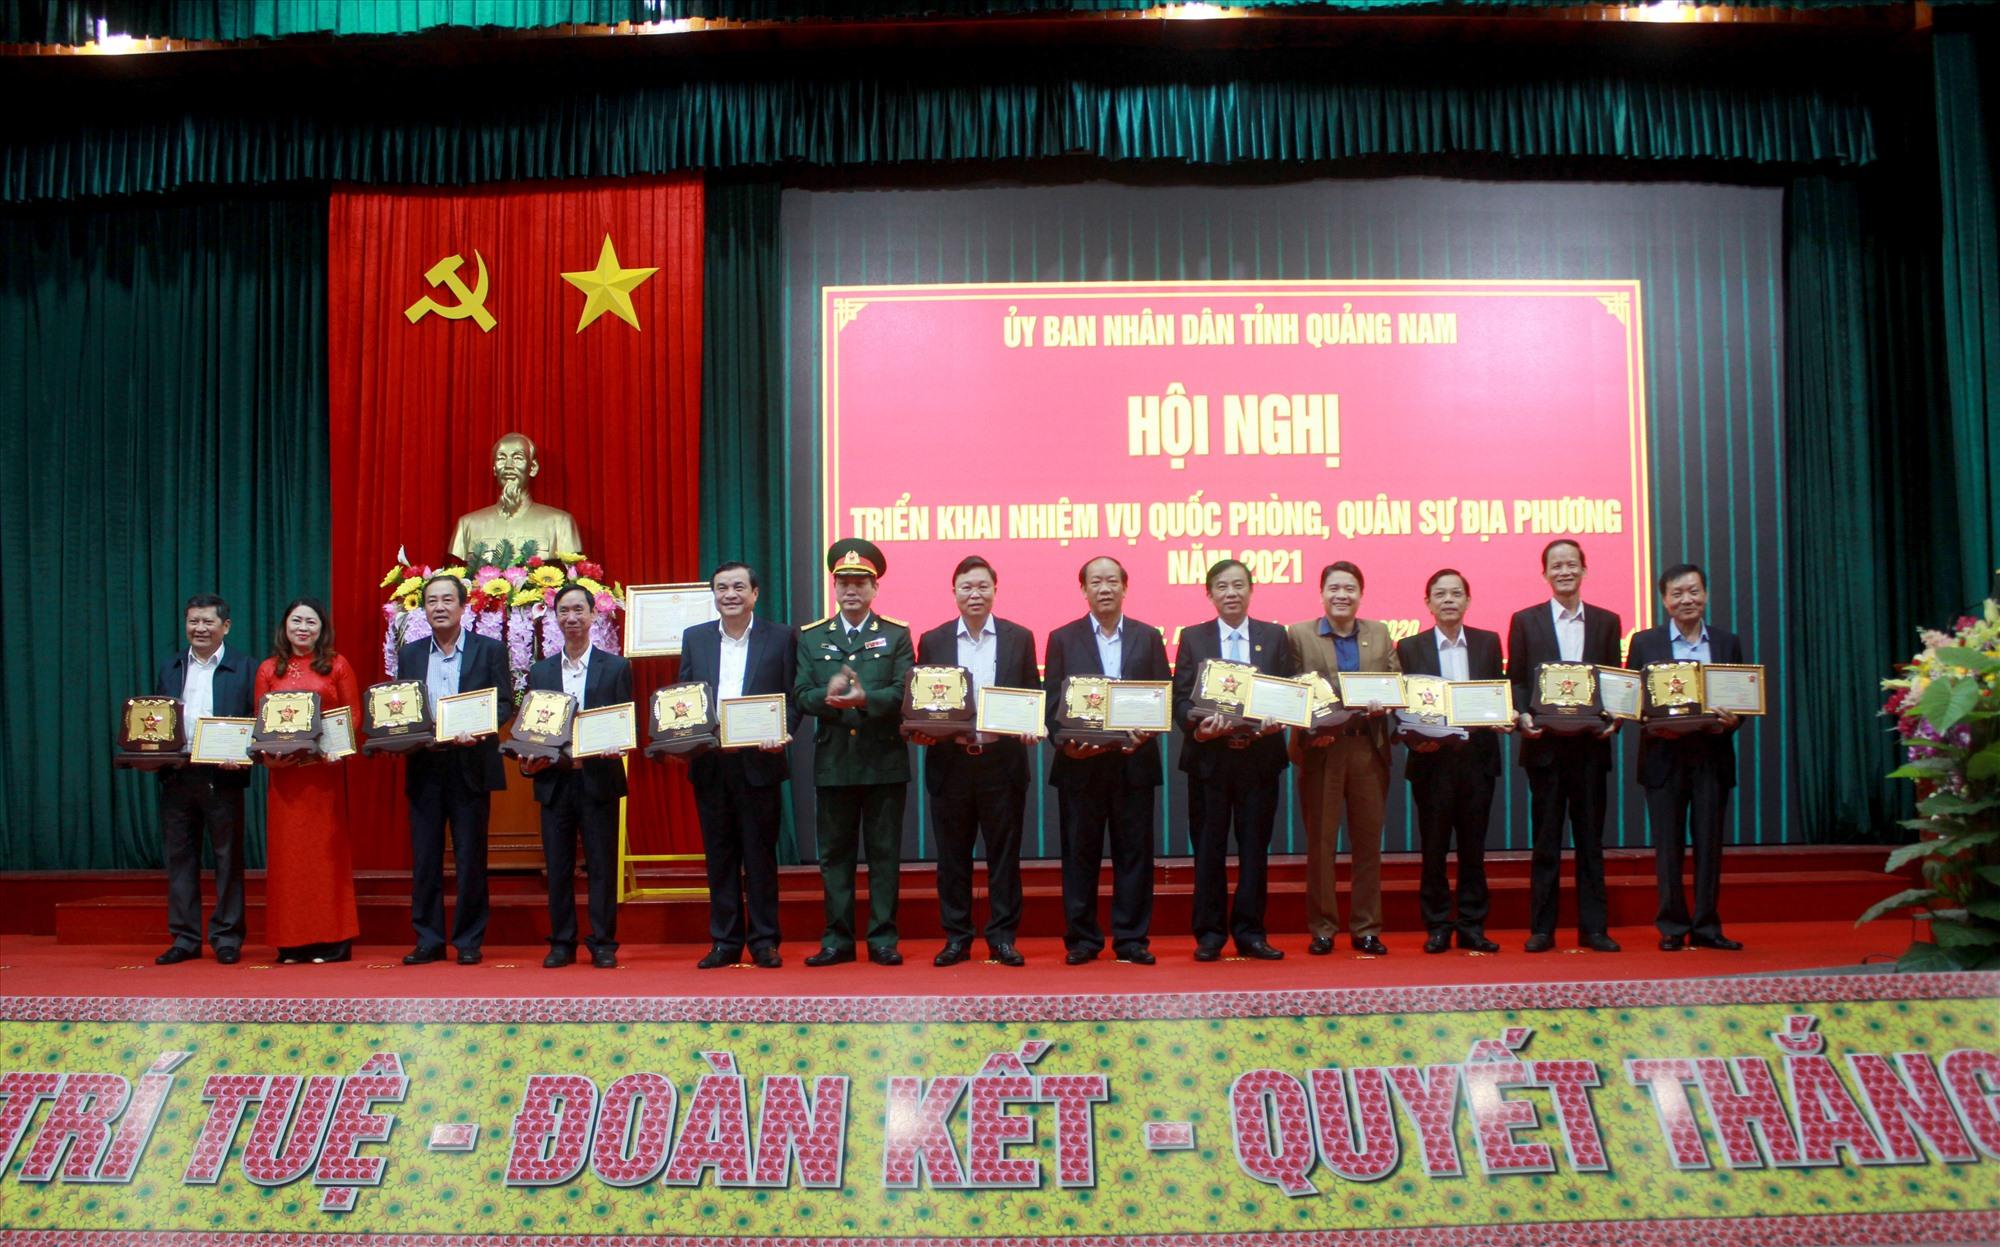 Trao tặng Kỷ niệm chương Vì sự nghiệp xây dựng Quân đội nhân dân Việt Nam cho các đồng chí là lãnh đạo tỉnh, nguyên lãnh đạo tỉnh. Ảnh: T.C